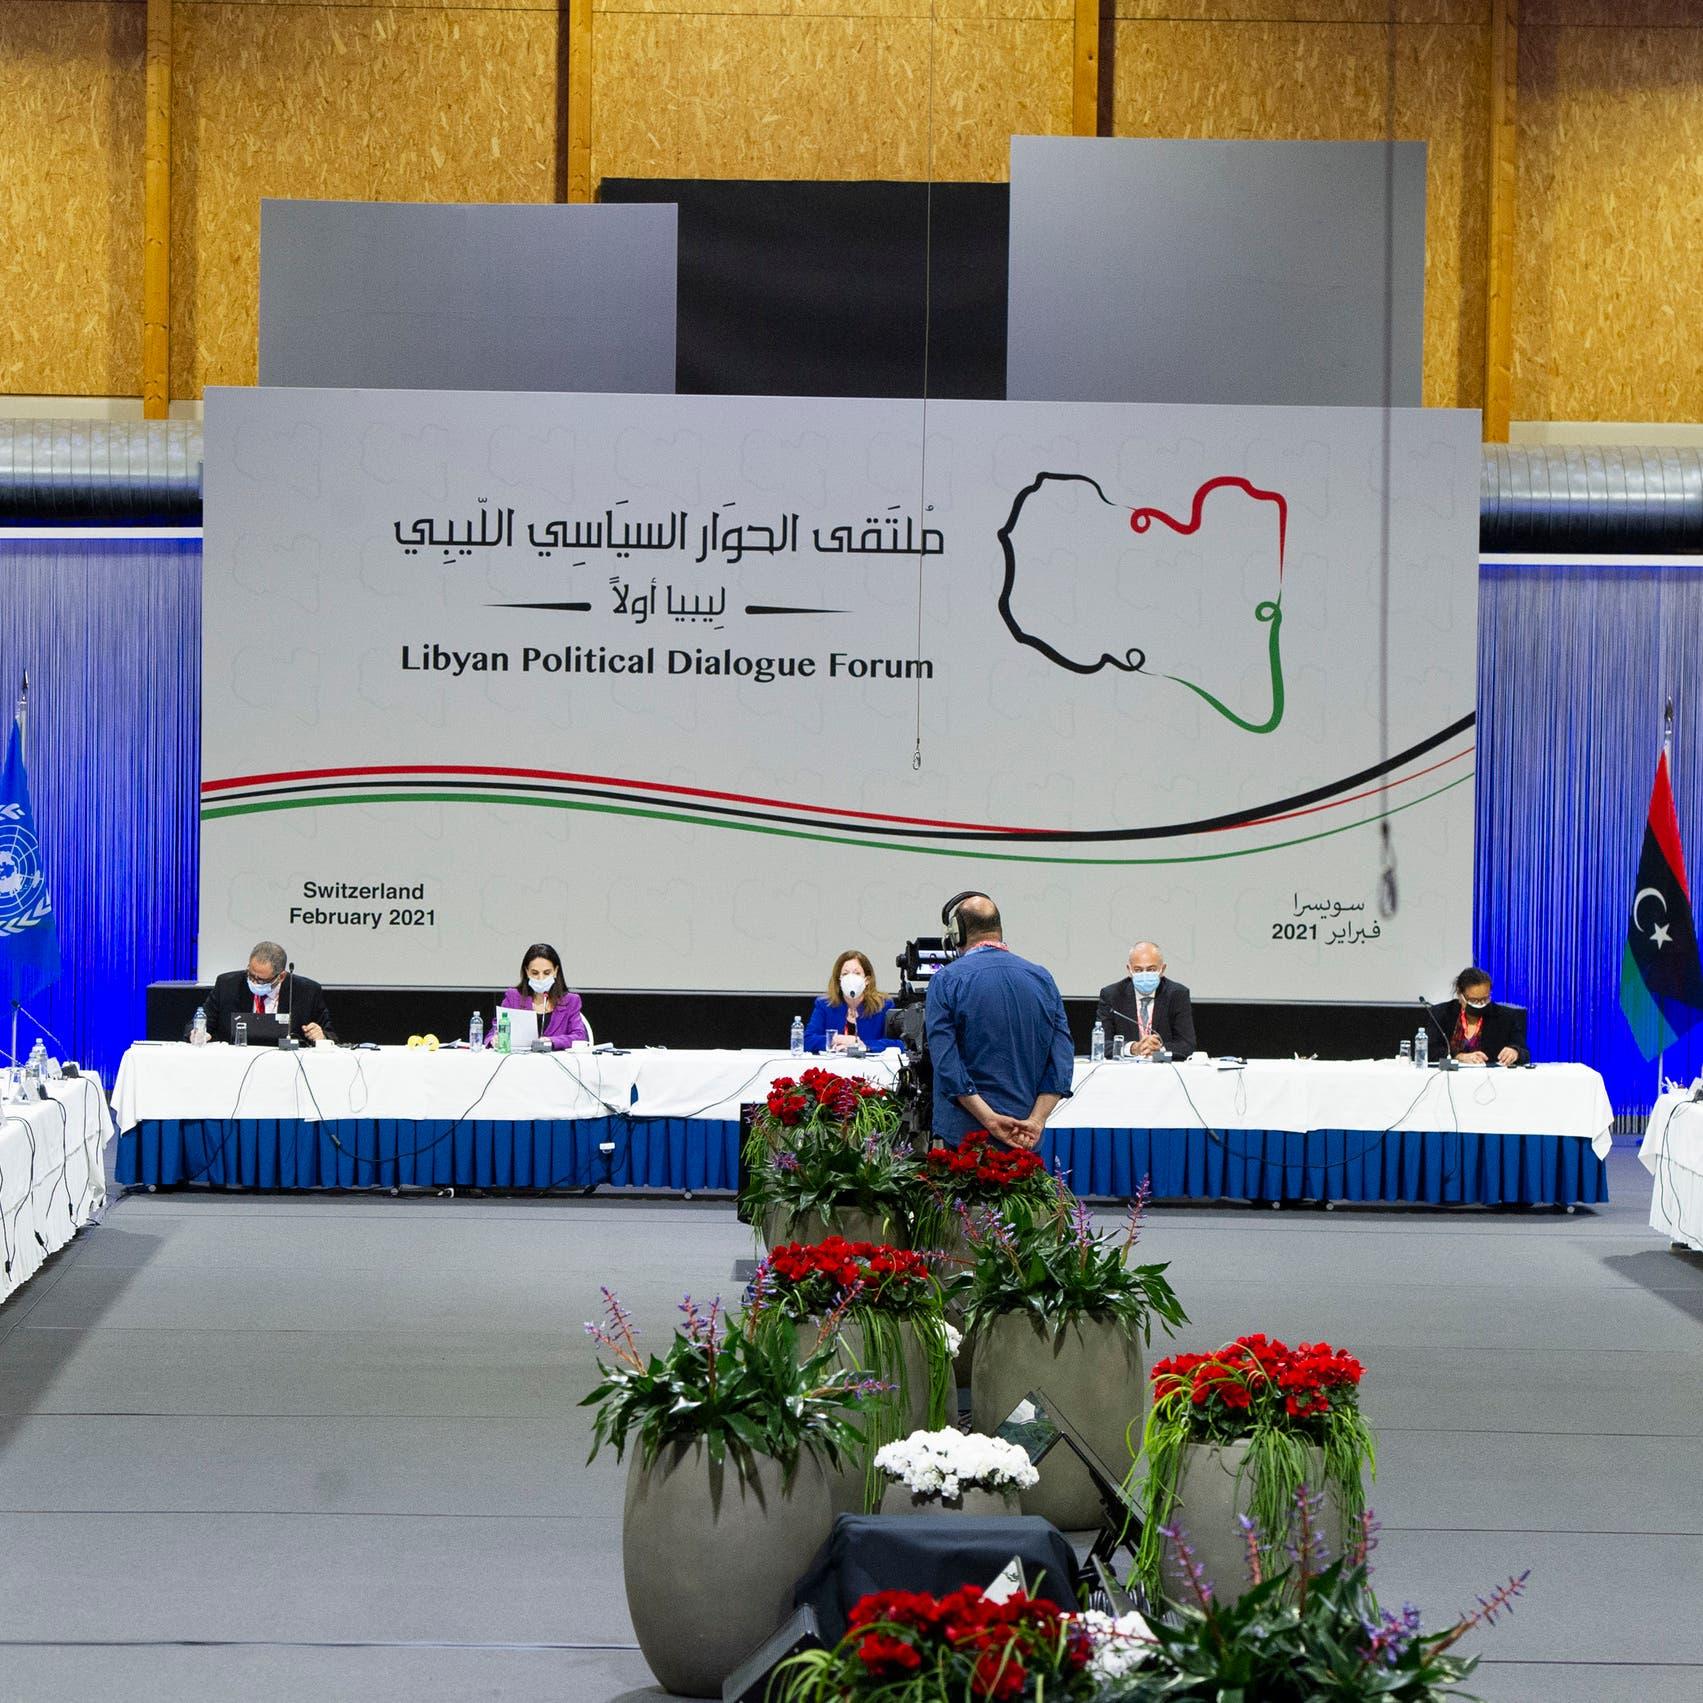 اللجنة القانونية للحوار الليبي تتفق على قاعدة دستورية للانتخابات